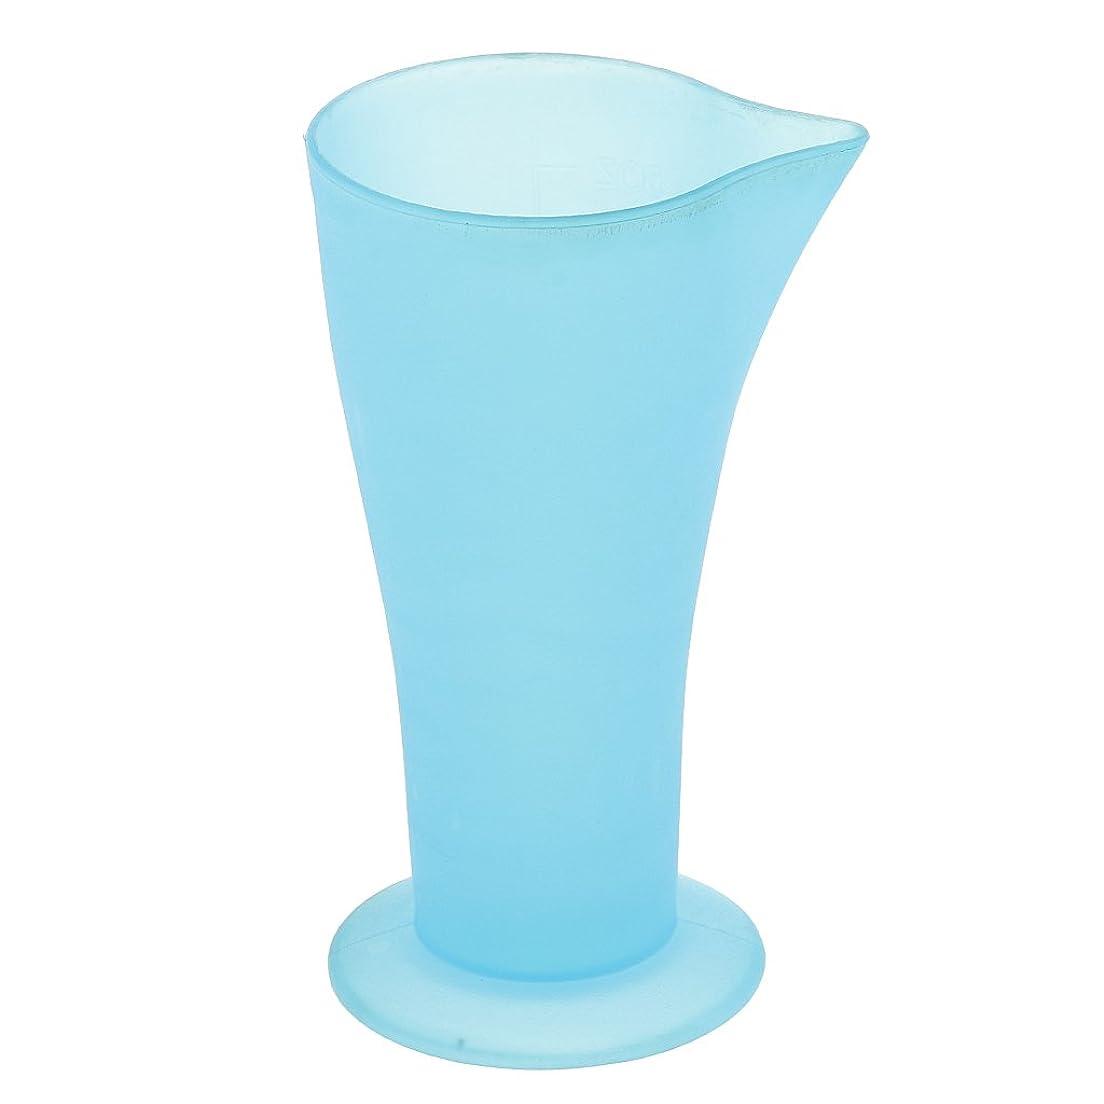 欠伸一見電話をかけるSharplace ヘアダイ容器 計量カップ 白髪染め ヘアカラ 再使用可能 ブルー